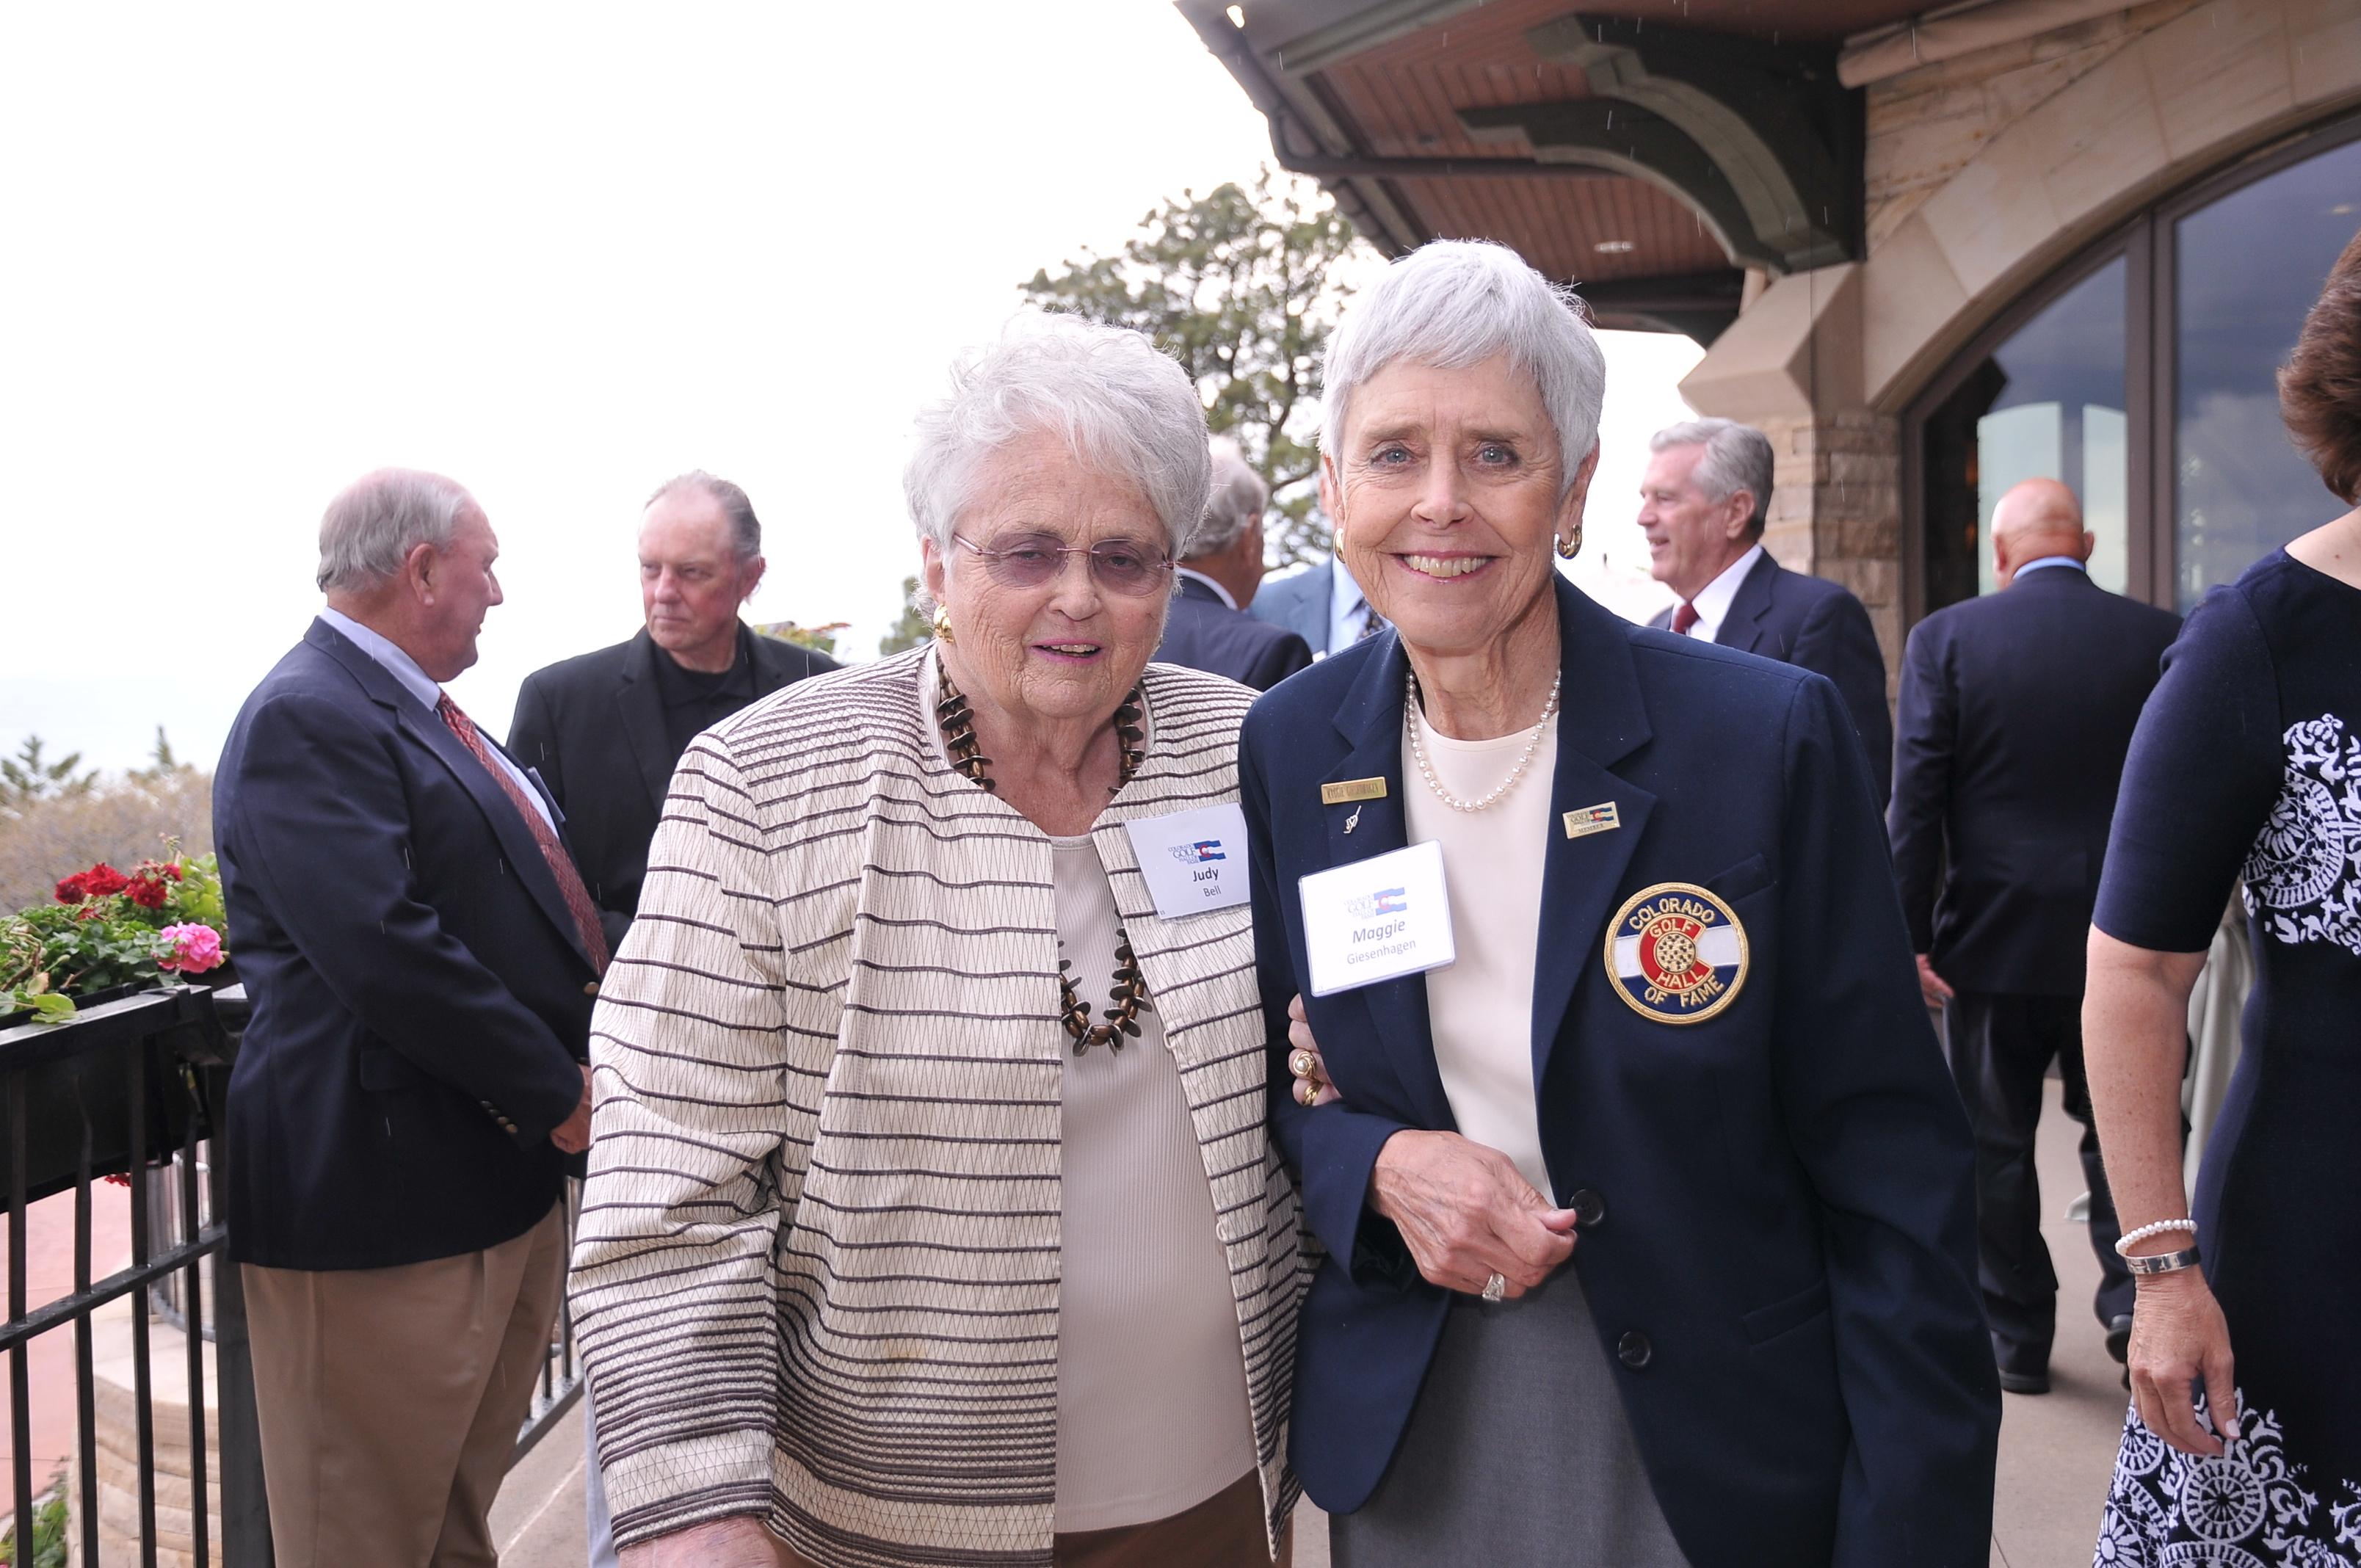 Judy Bell and Maggie Giesenhagen